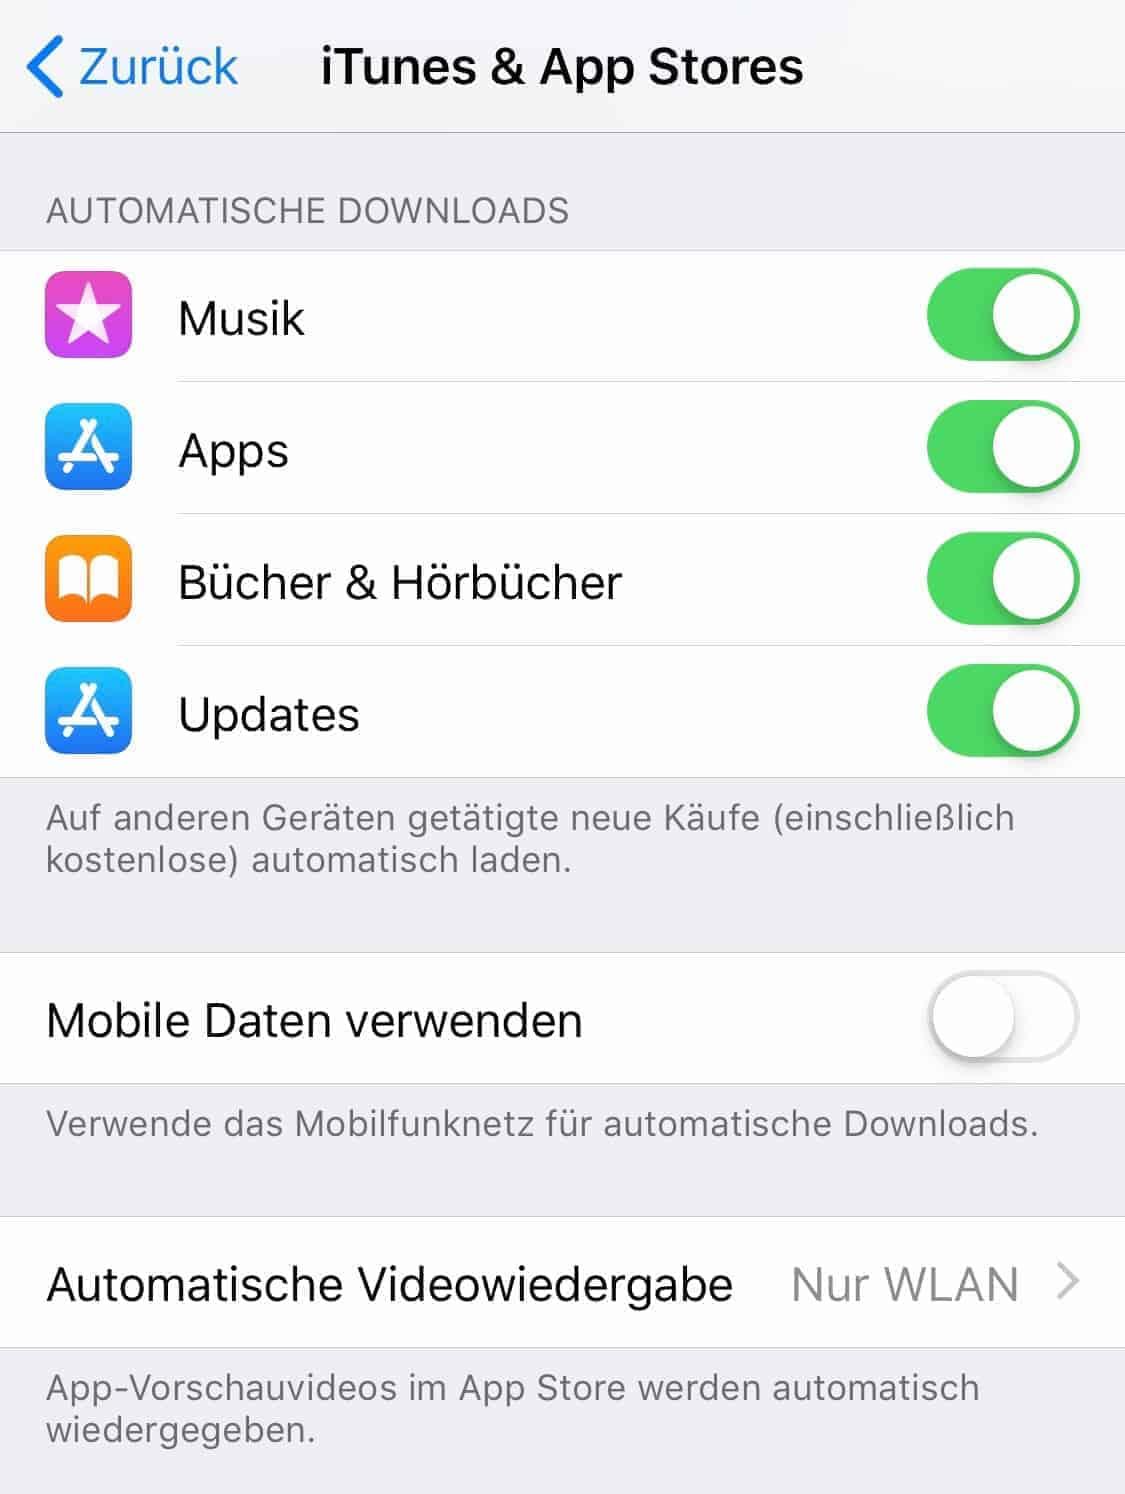 Roaming_iOS_iTunes_und_App_Stores_Mobile_Daten_und_Automatische_Downloads